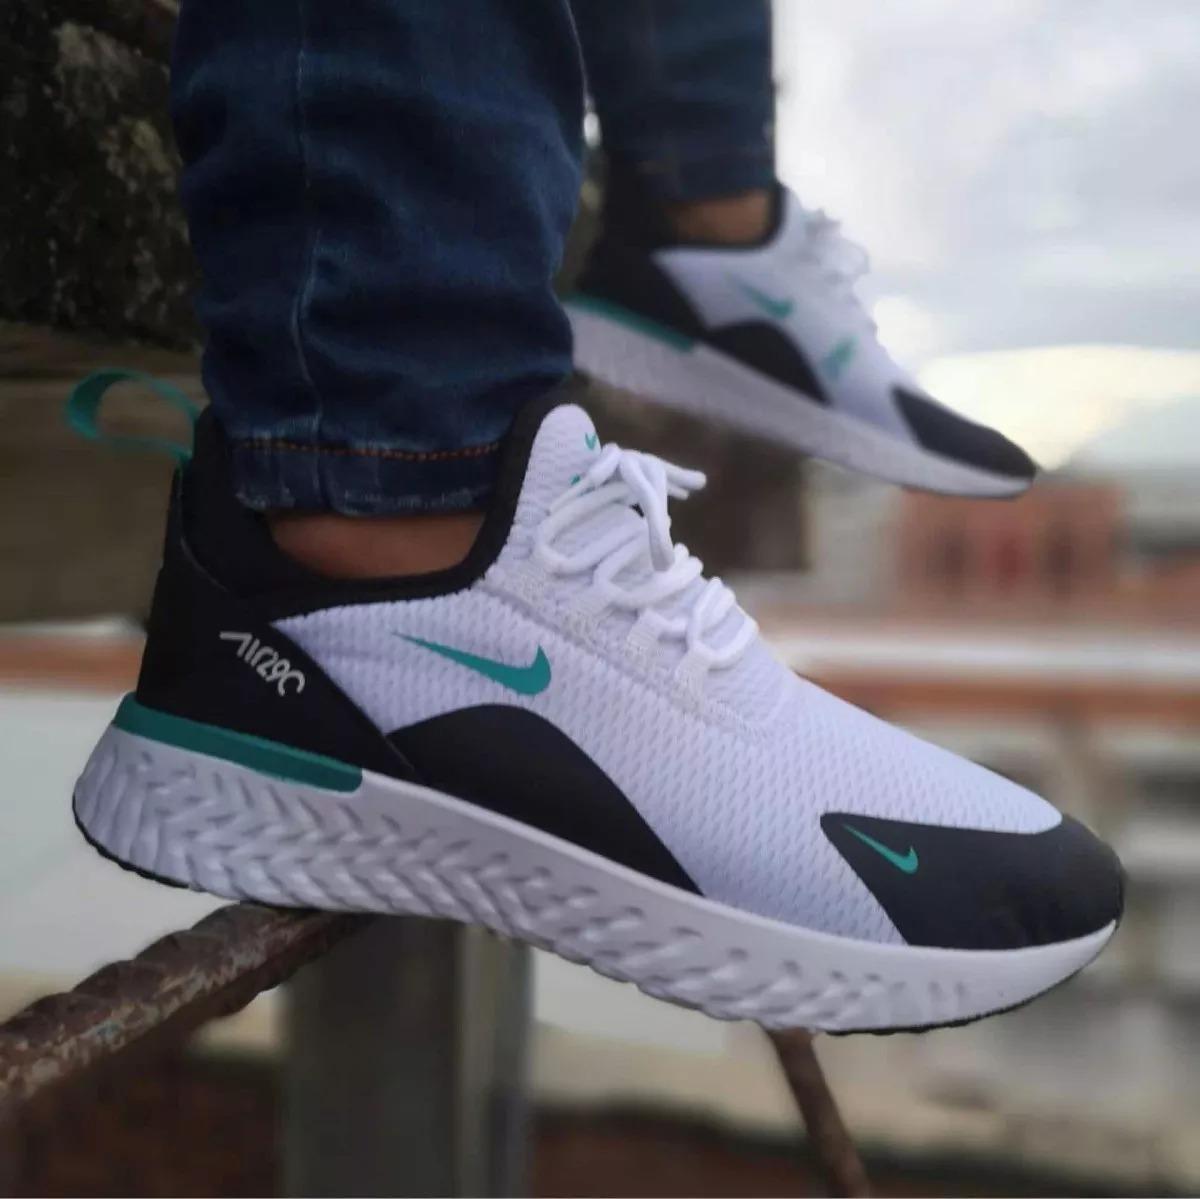 c9252d6adcd32 Tennis Zapatos Para Hombre Nike Del 37 Al 43 -   70.000 en Mercado Libre